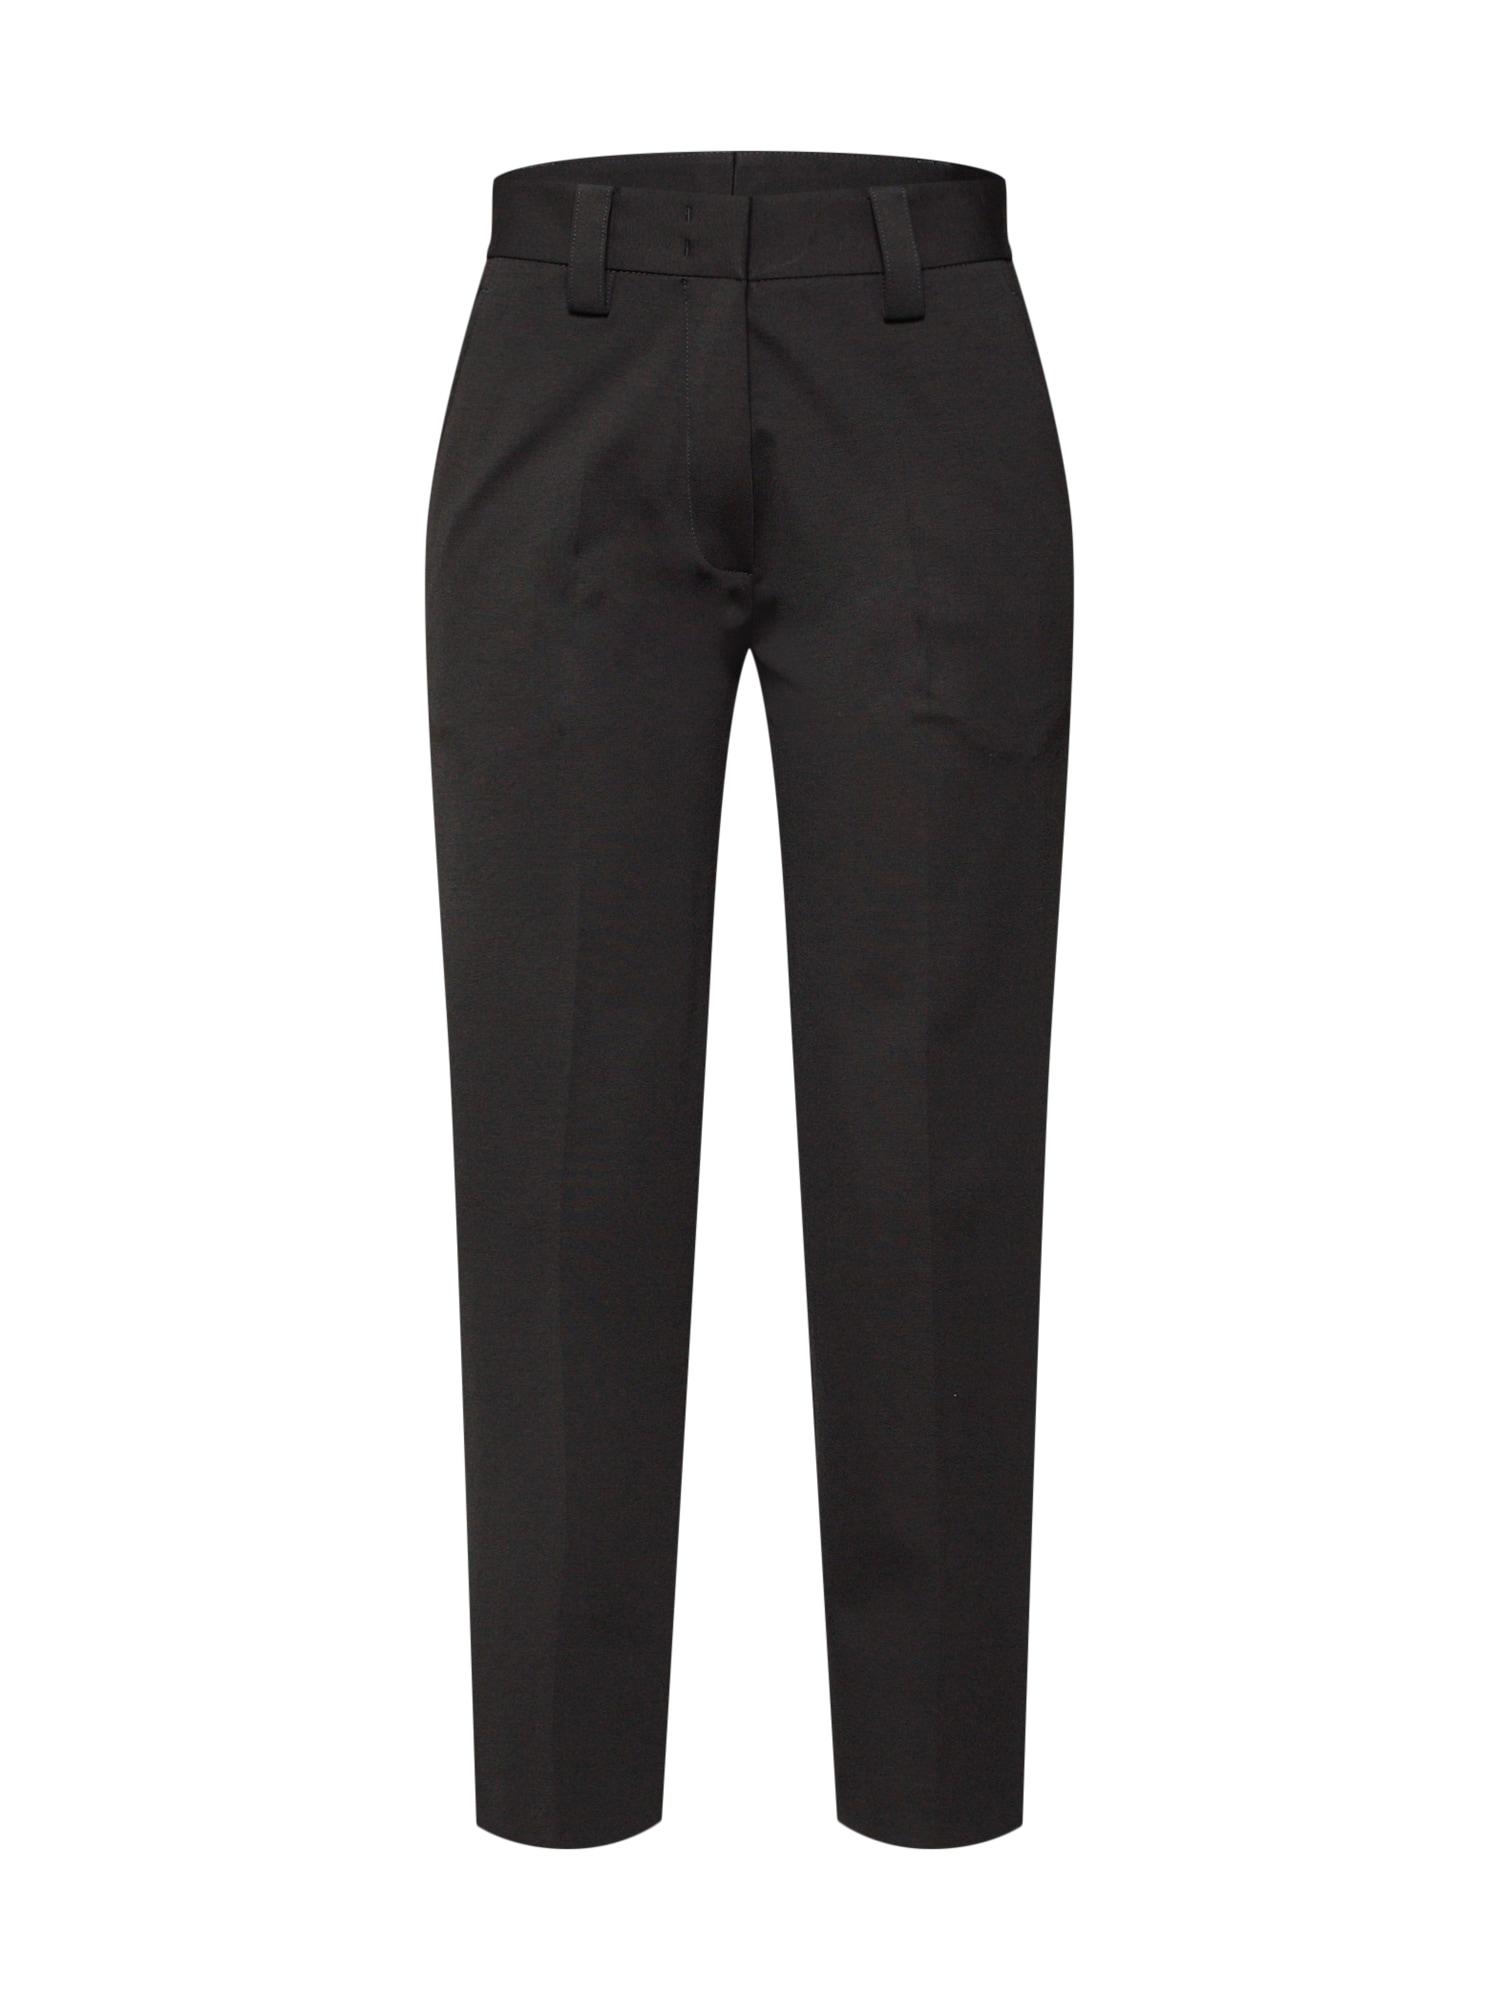 Kalhoty s puky F005S černá RENÉ LEZARD